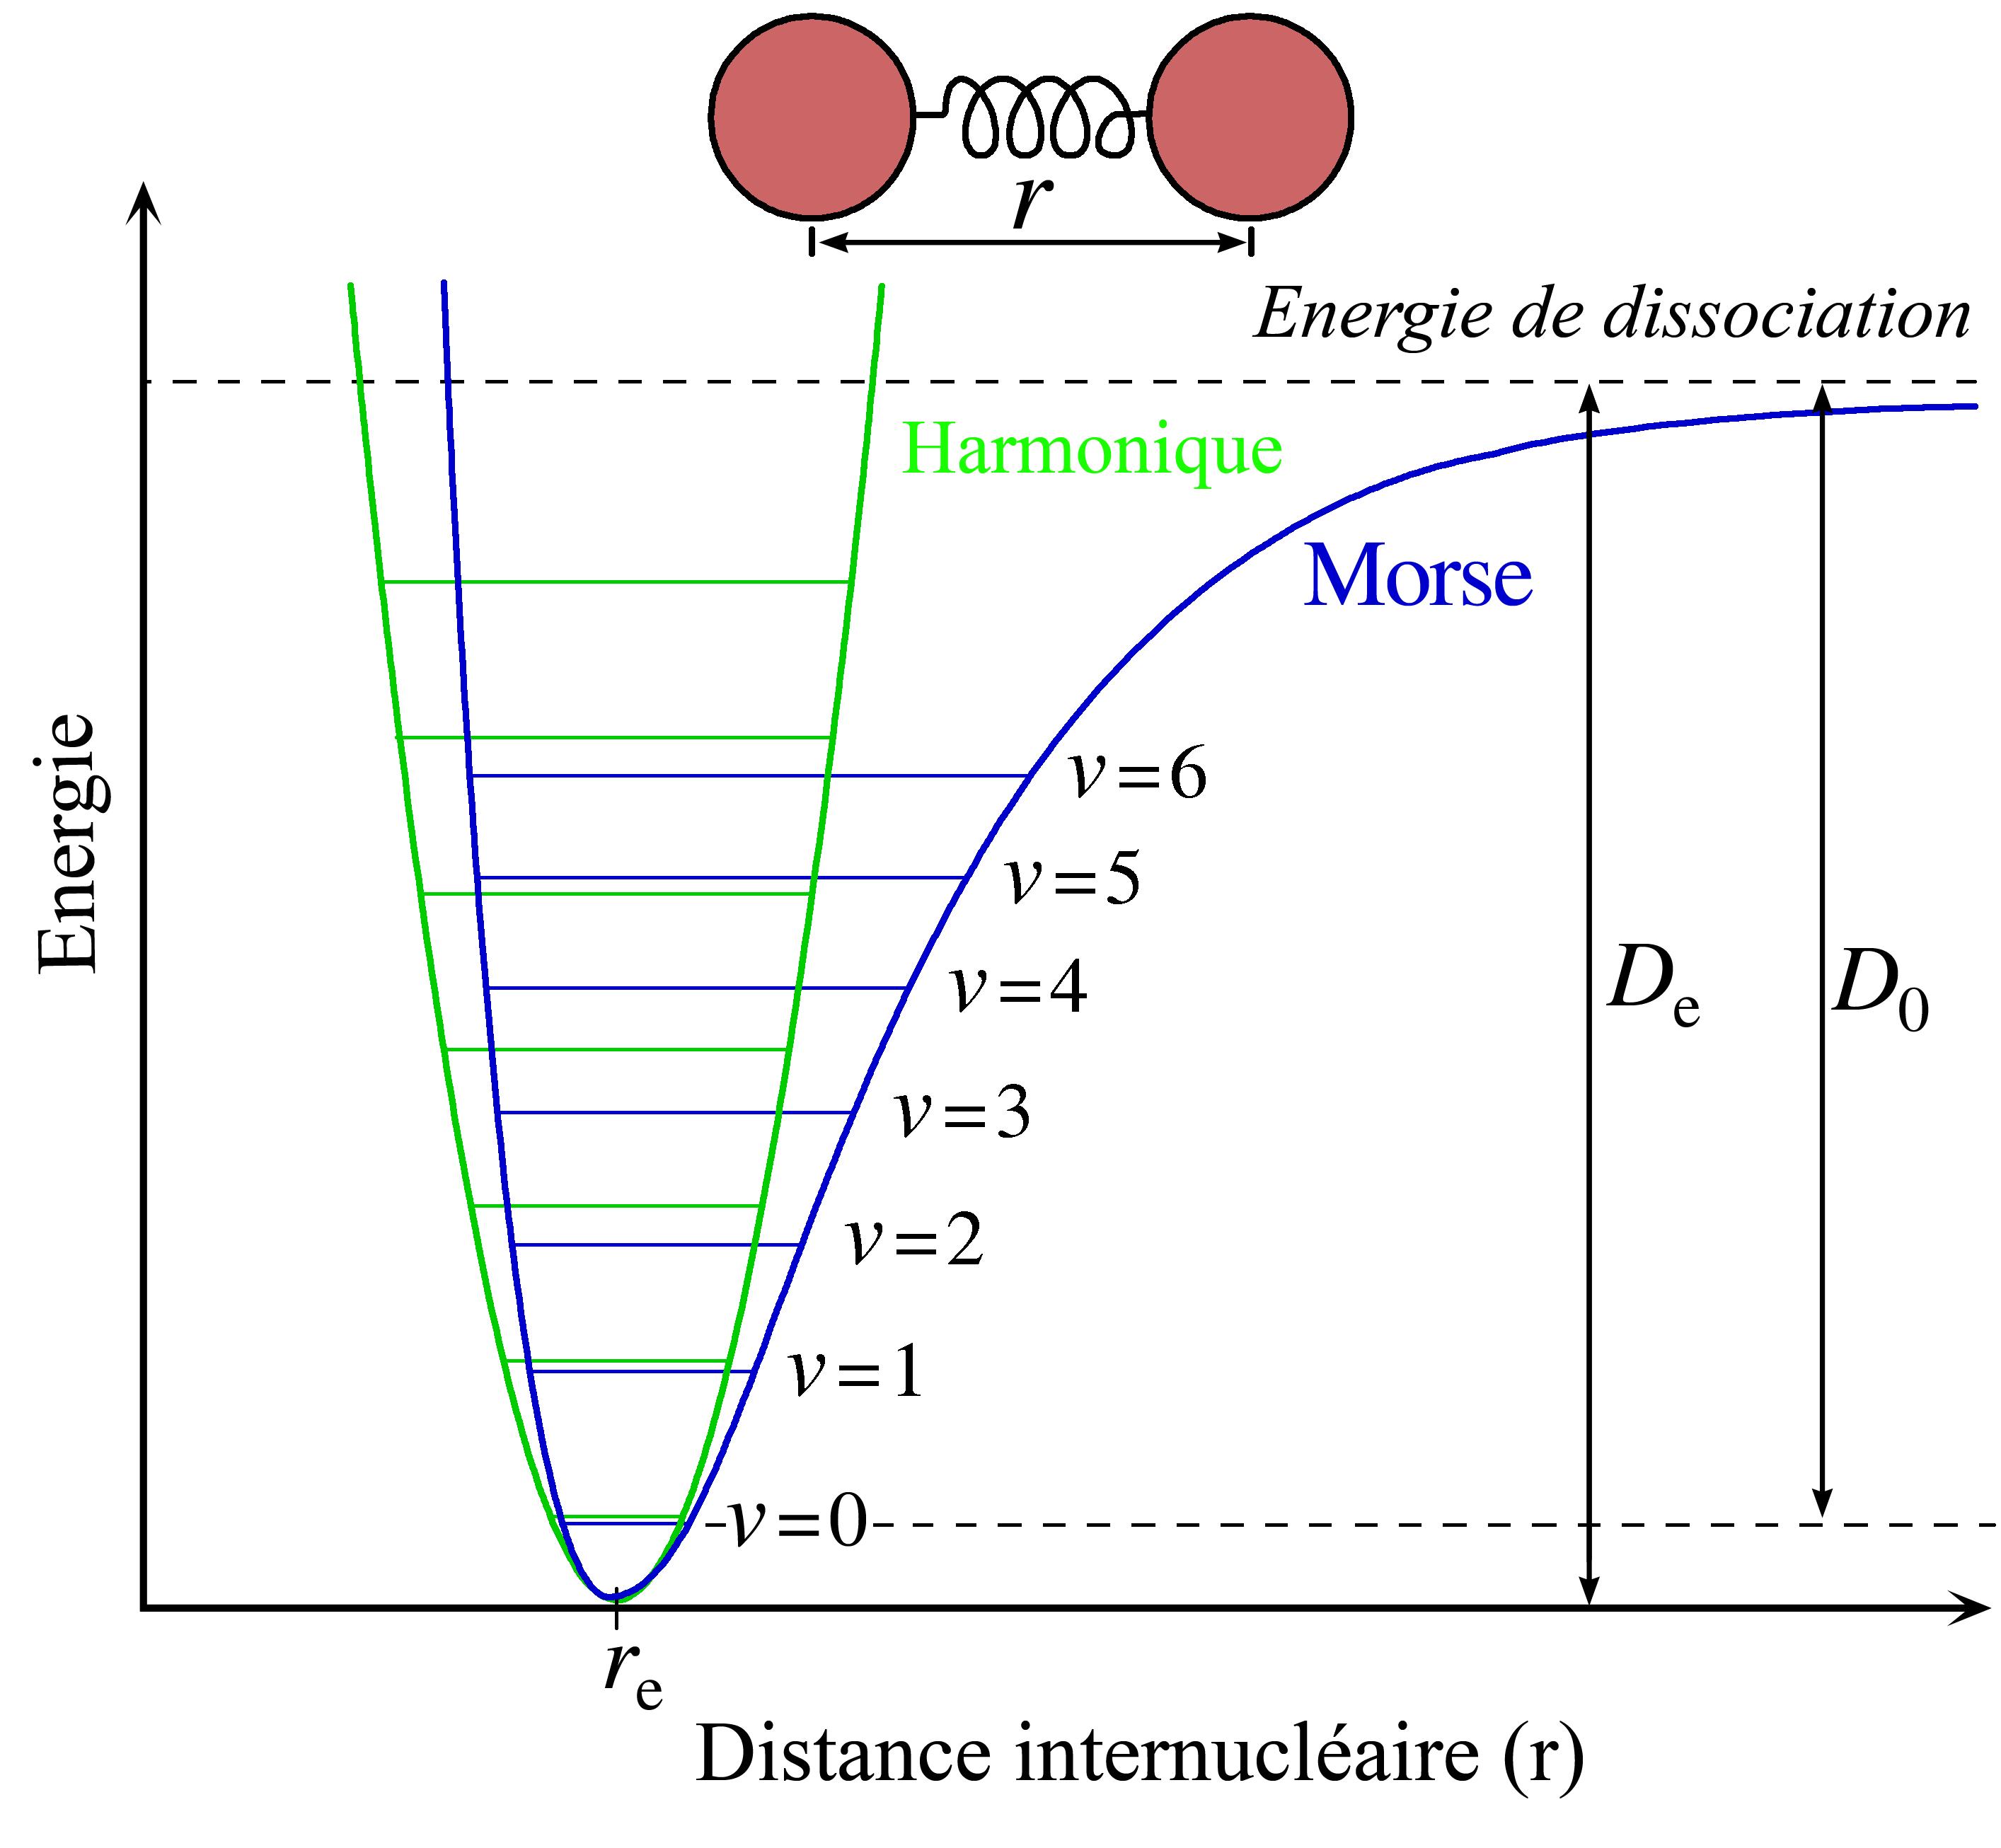 Physique quantique for dummies - Page 10 Morse-potential-fr